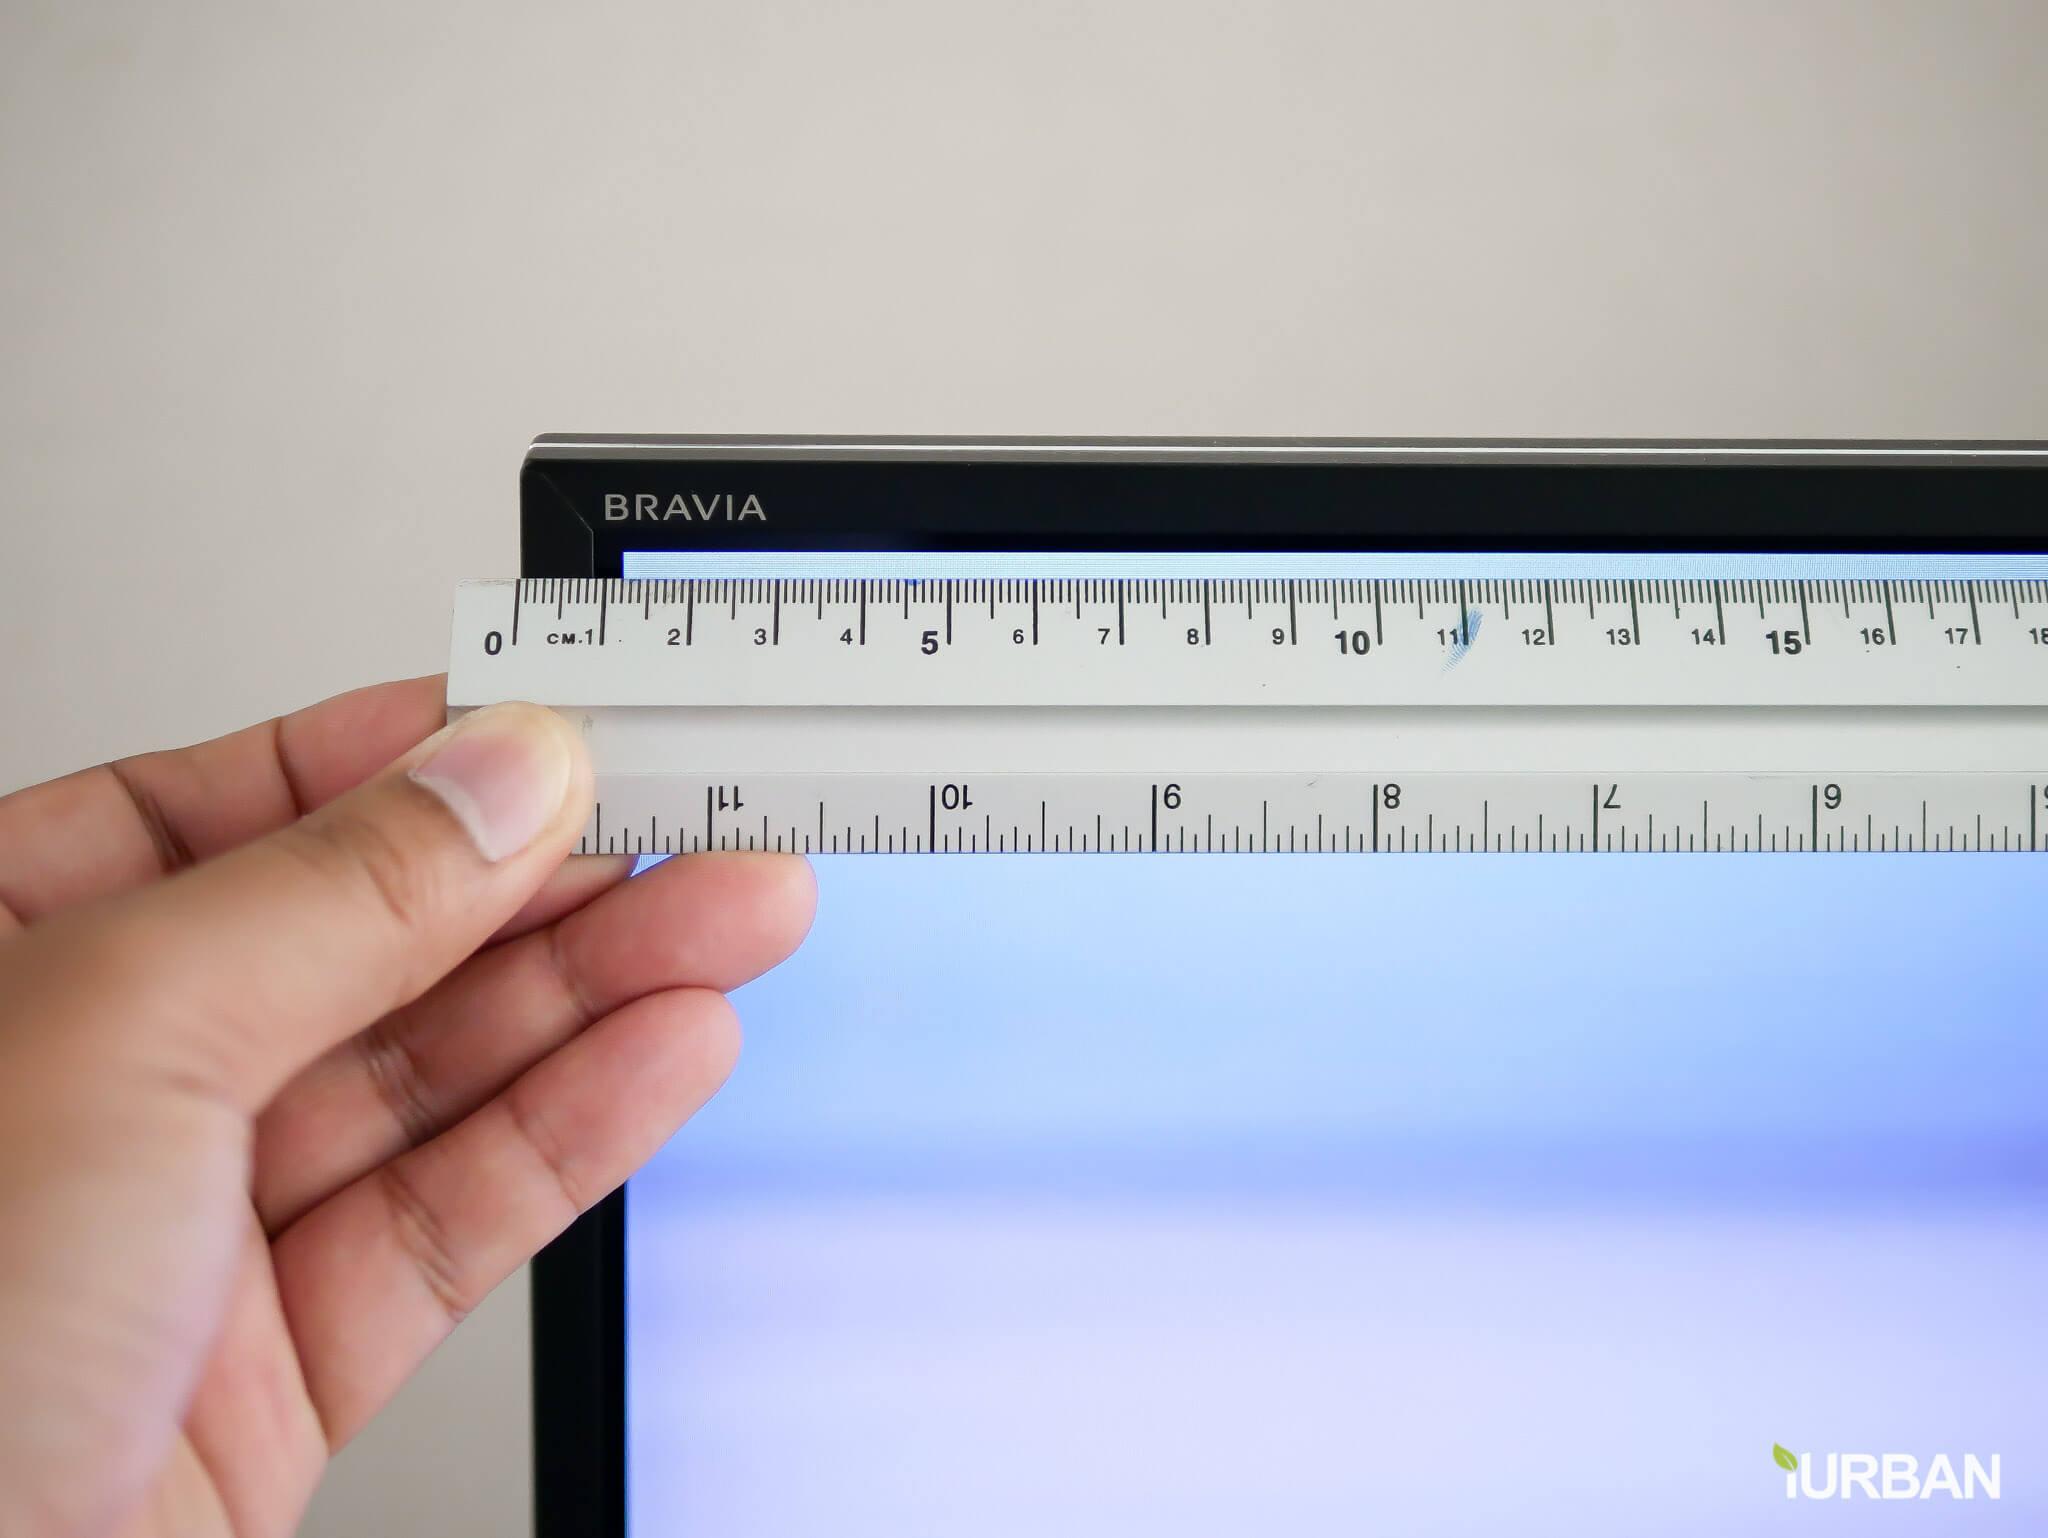 รีวิว SONY Android TV รุ่น X8000E งบ 26,990 แต่สเปค 4K HDR เชื่อมโลก Social กับทีวีอย่างสมบูรณ์แบบ 27 - Android